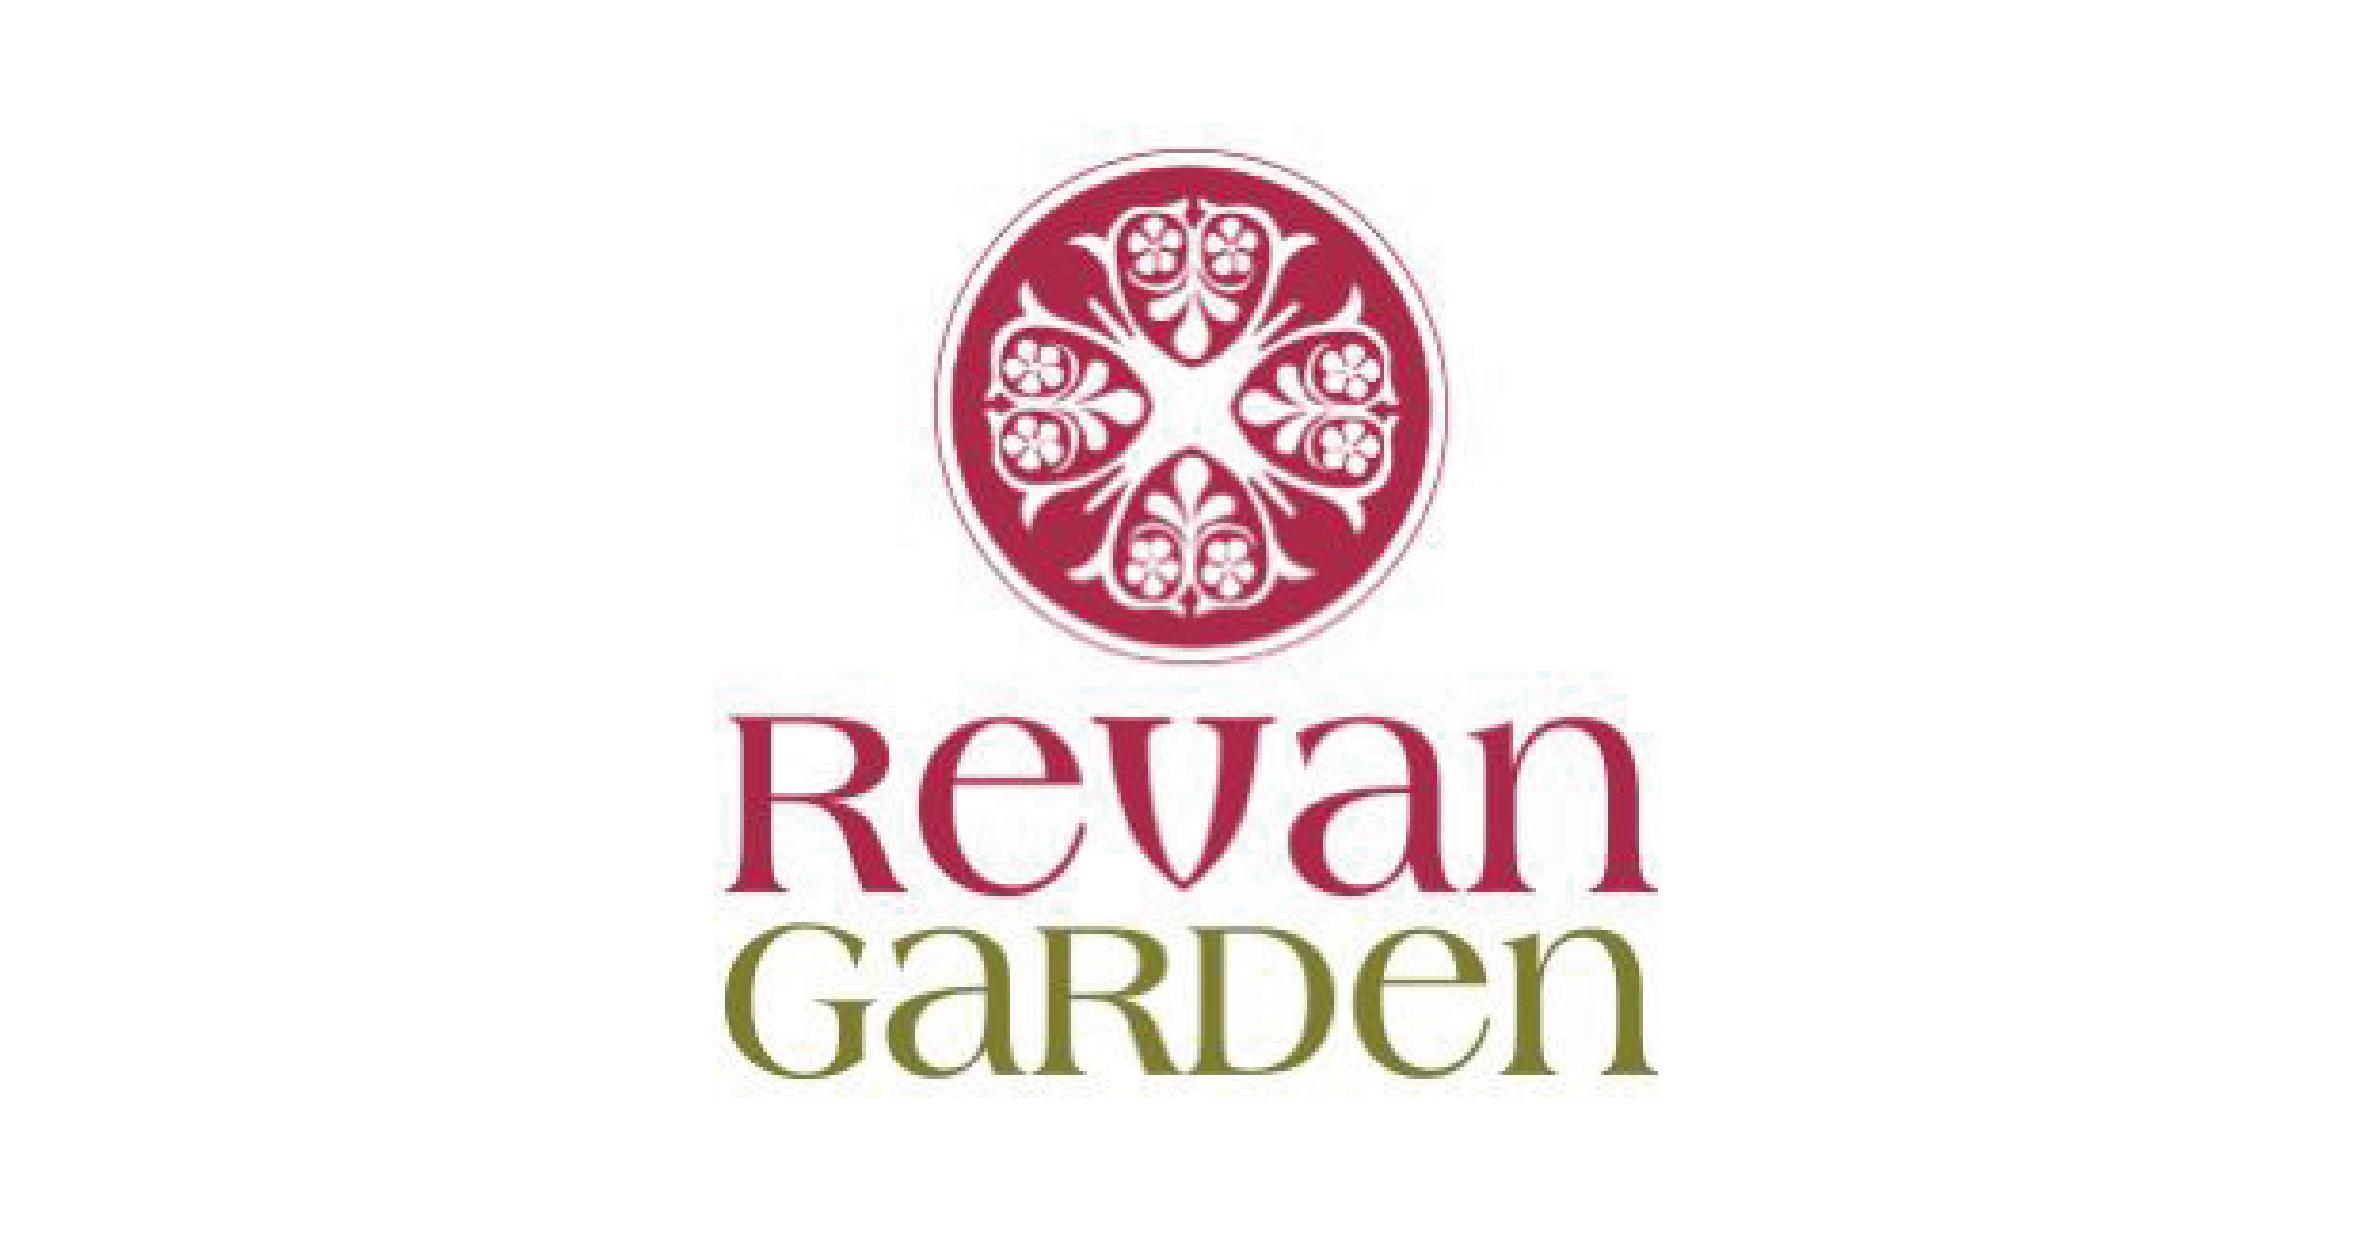 Revan garden